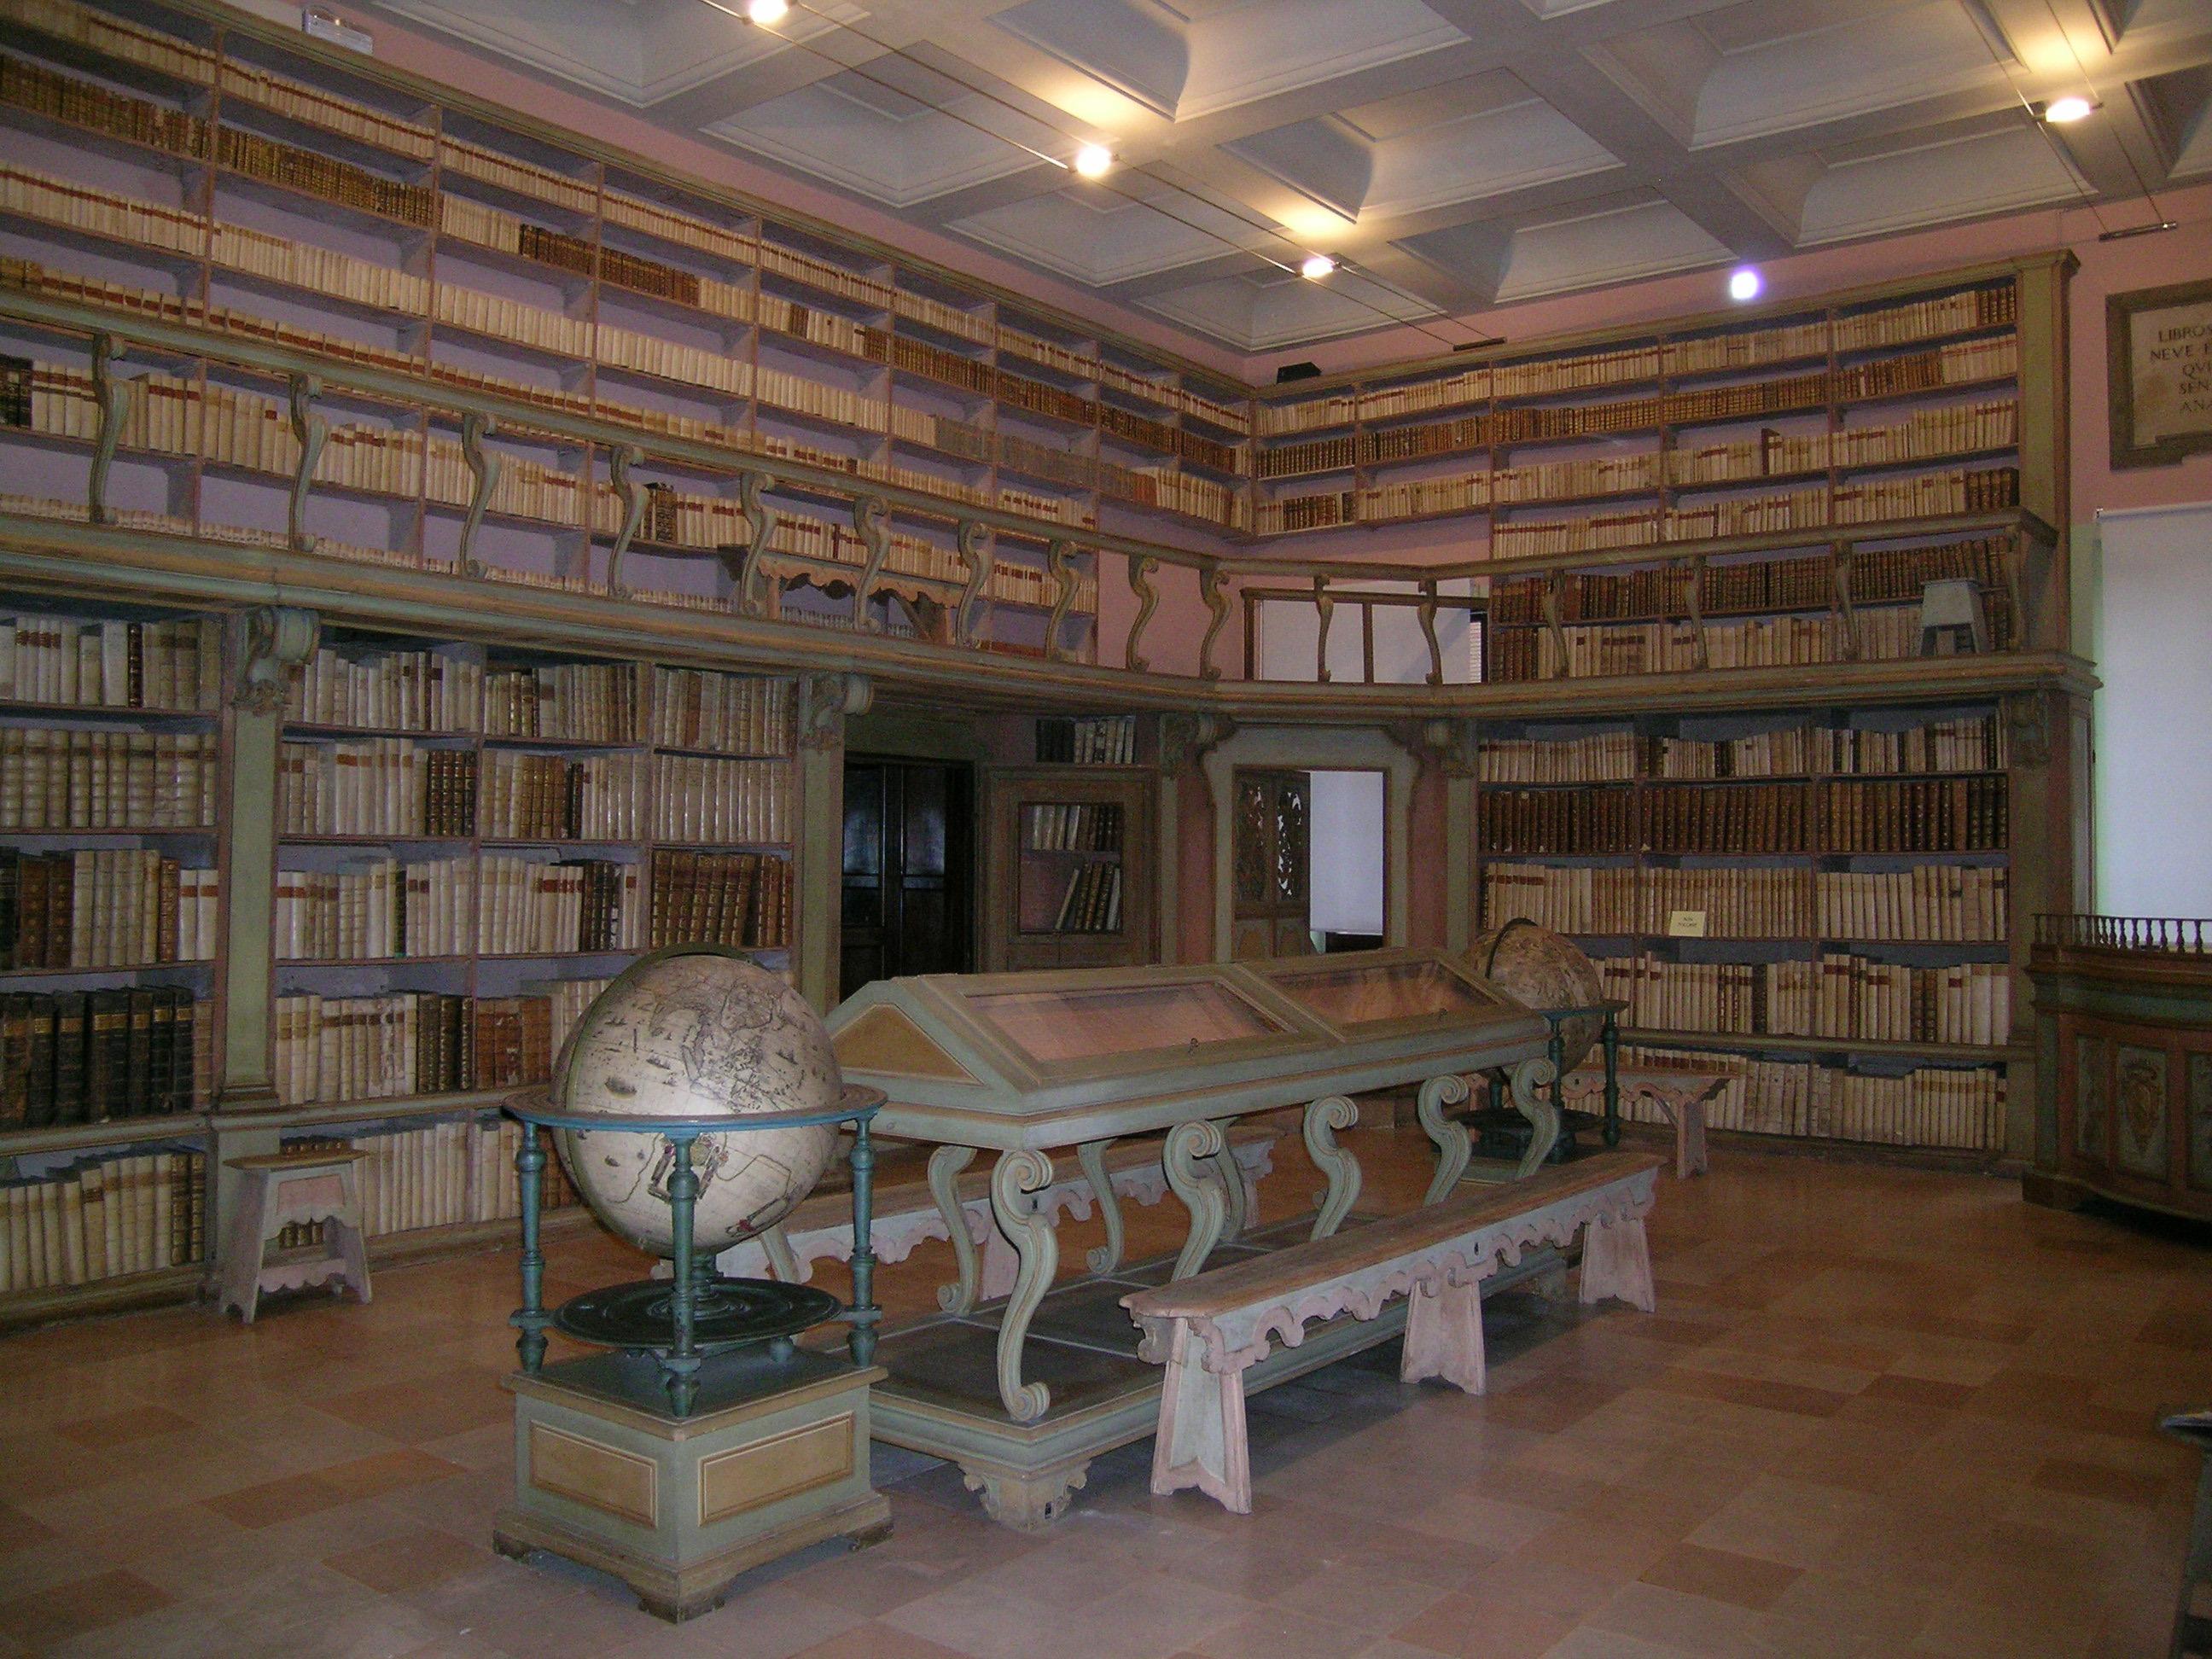 biblioteca_sala_settecentesca_alt